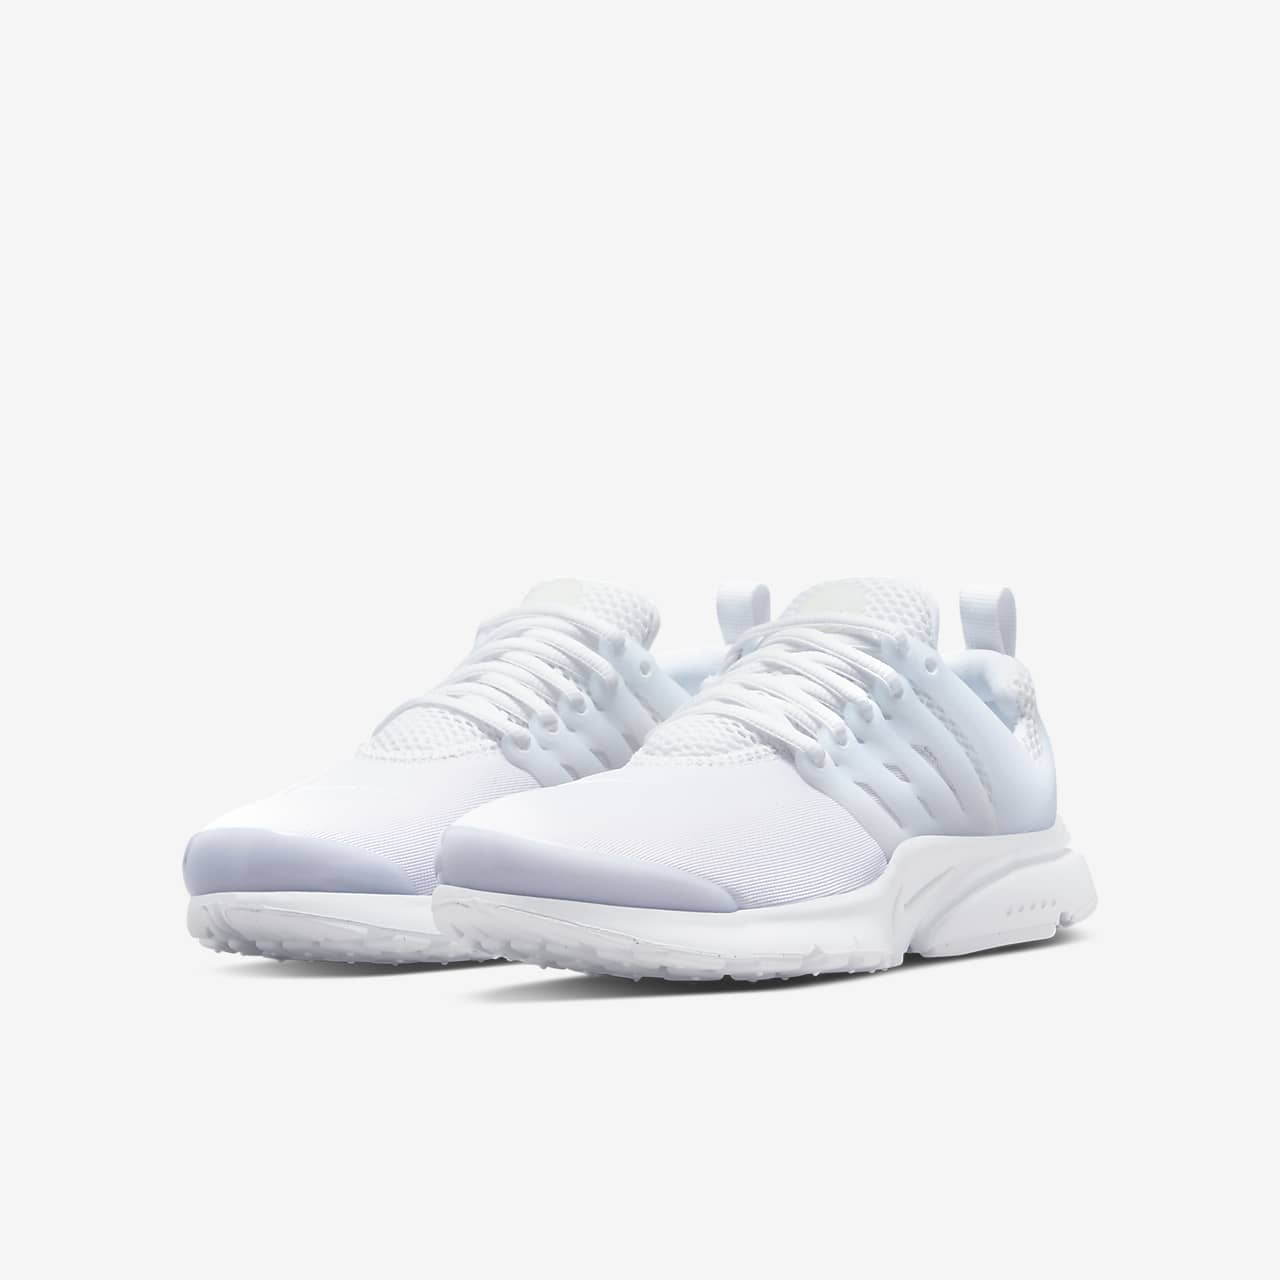 ... Nike Presto Big Kids' Shoe